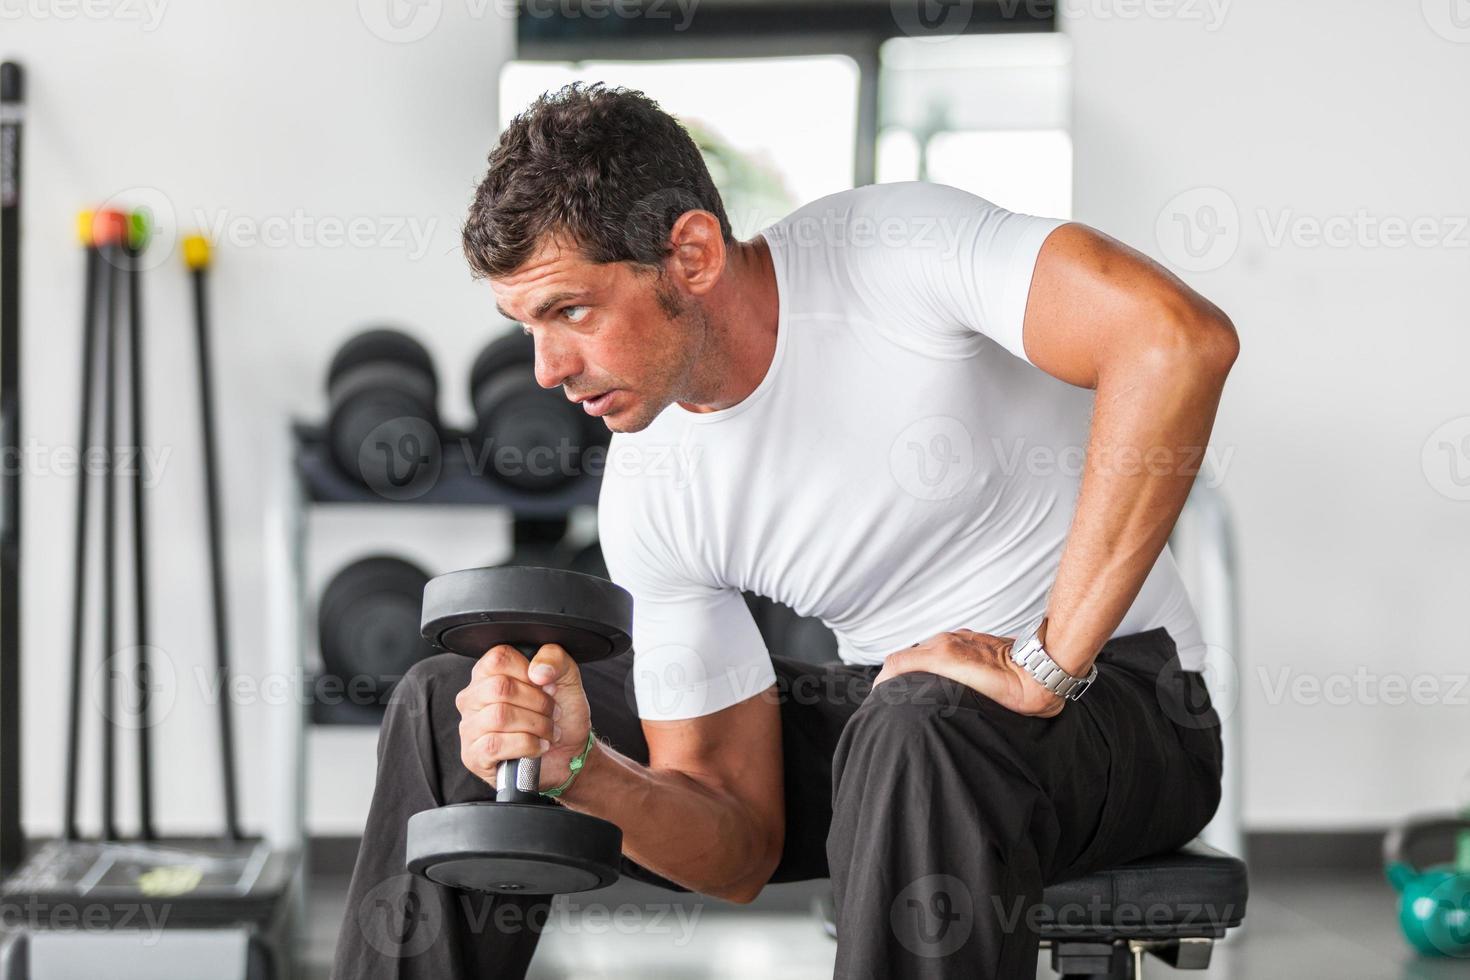 Man Lifting Weights at Gym photo